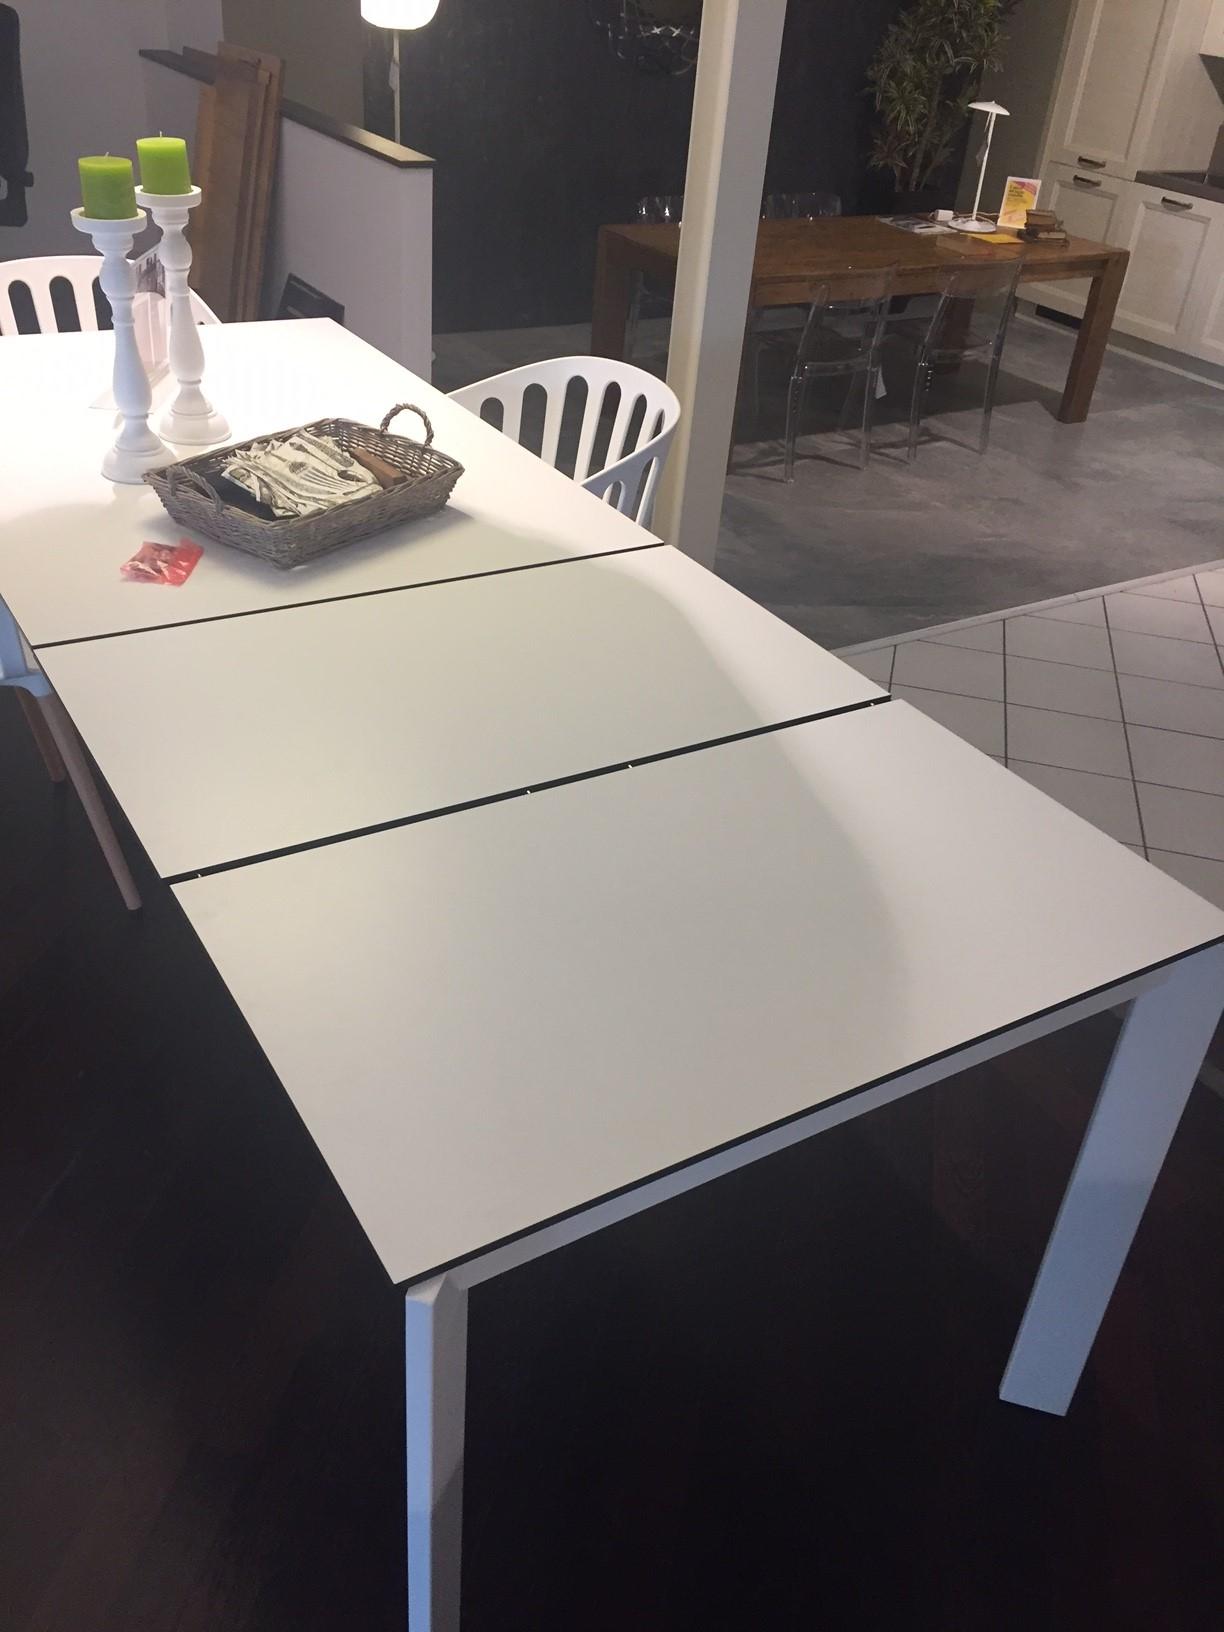 Tavolo domitalia universe scontato del 40 per rinnovo showroom tavoli a prezzi scontati - Mobilbagno ozzano ...